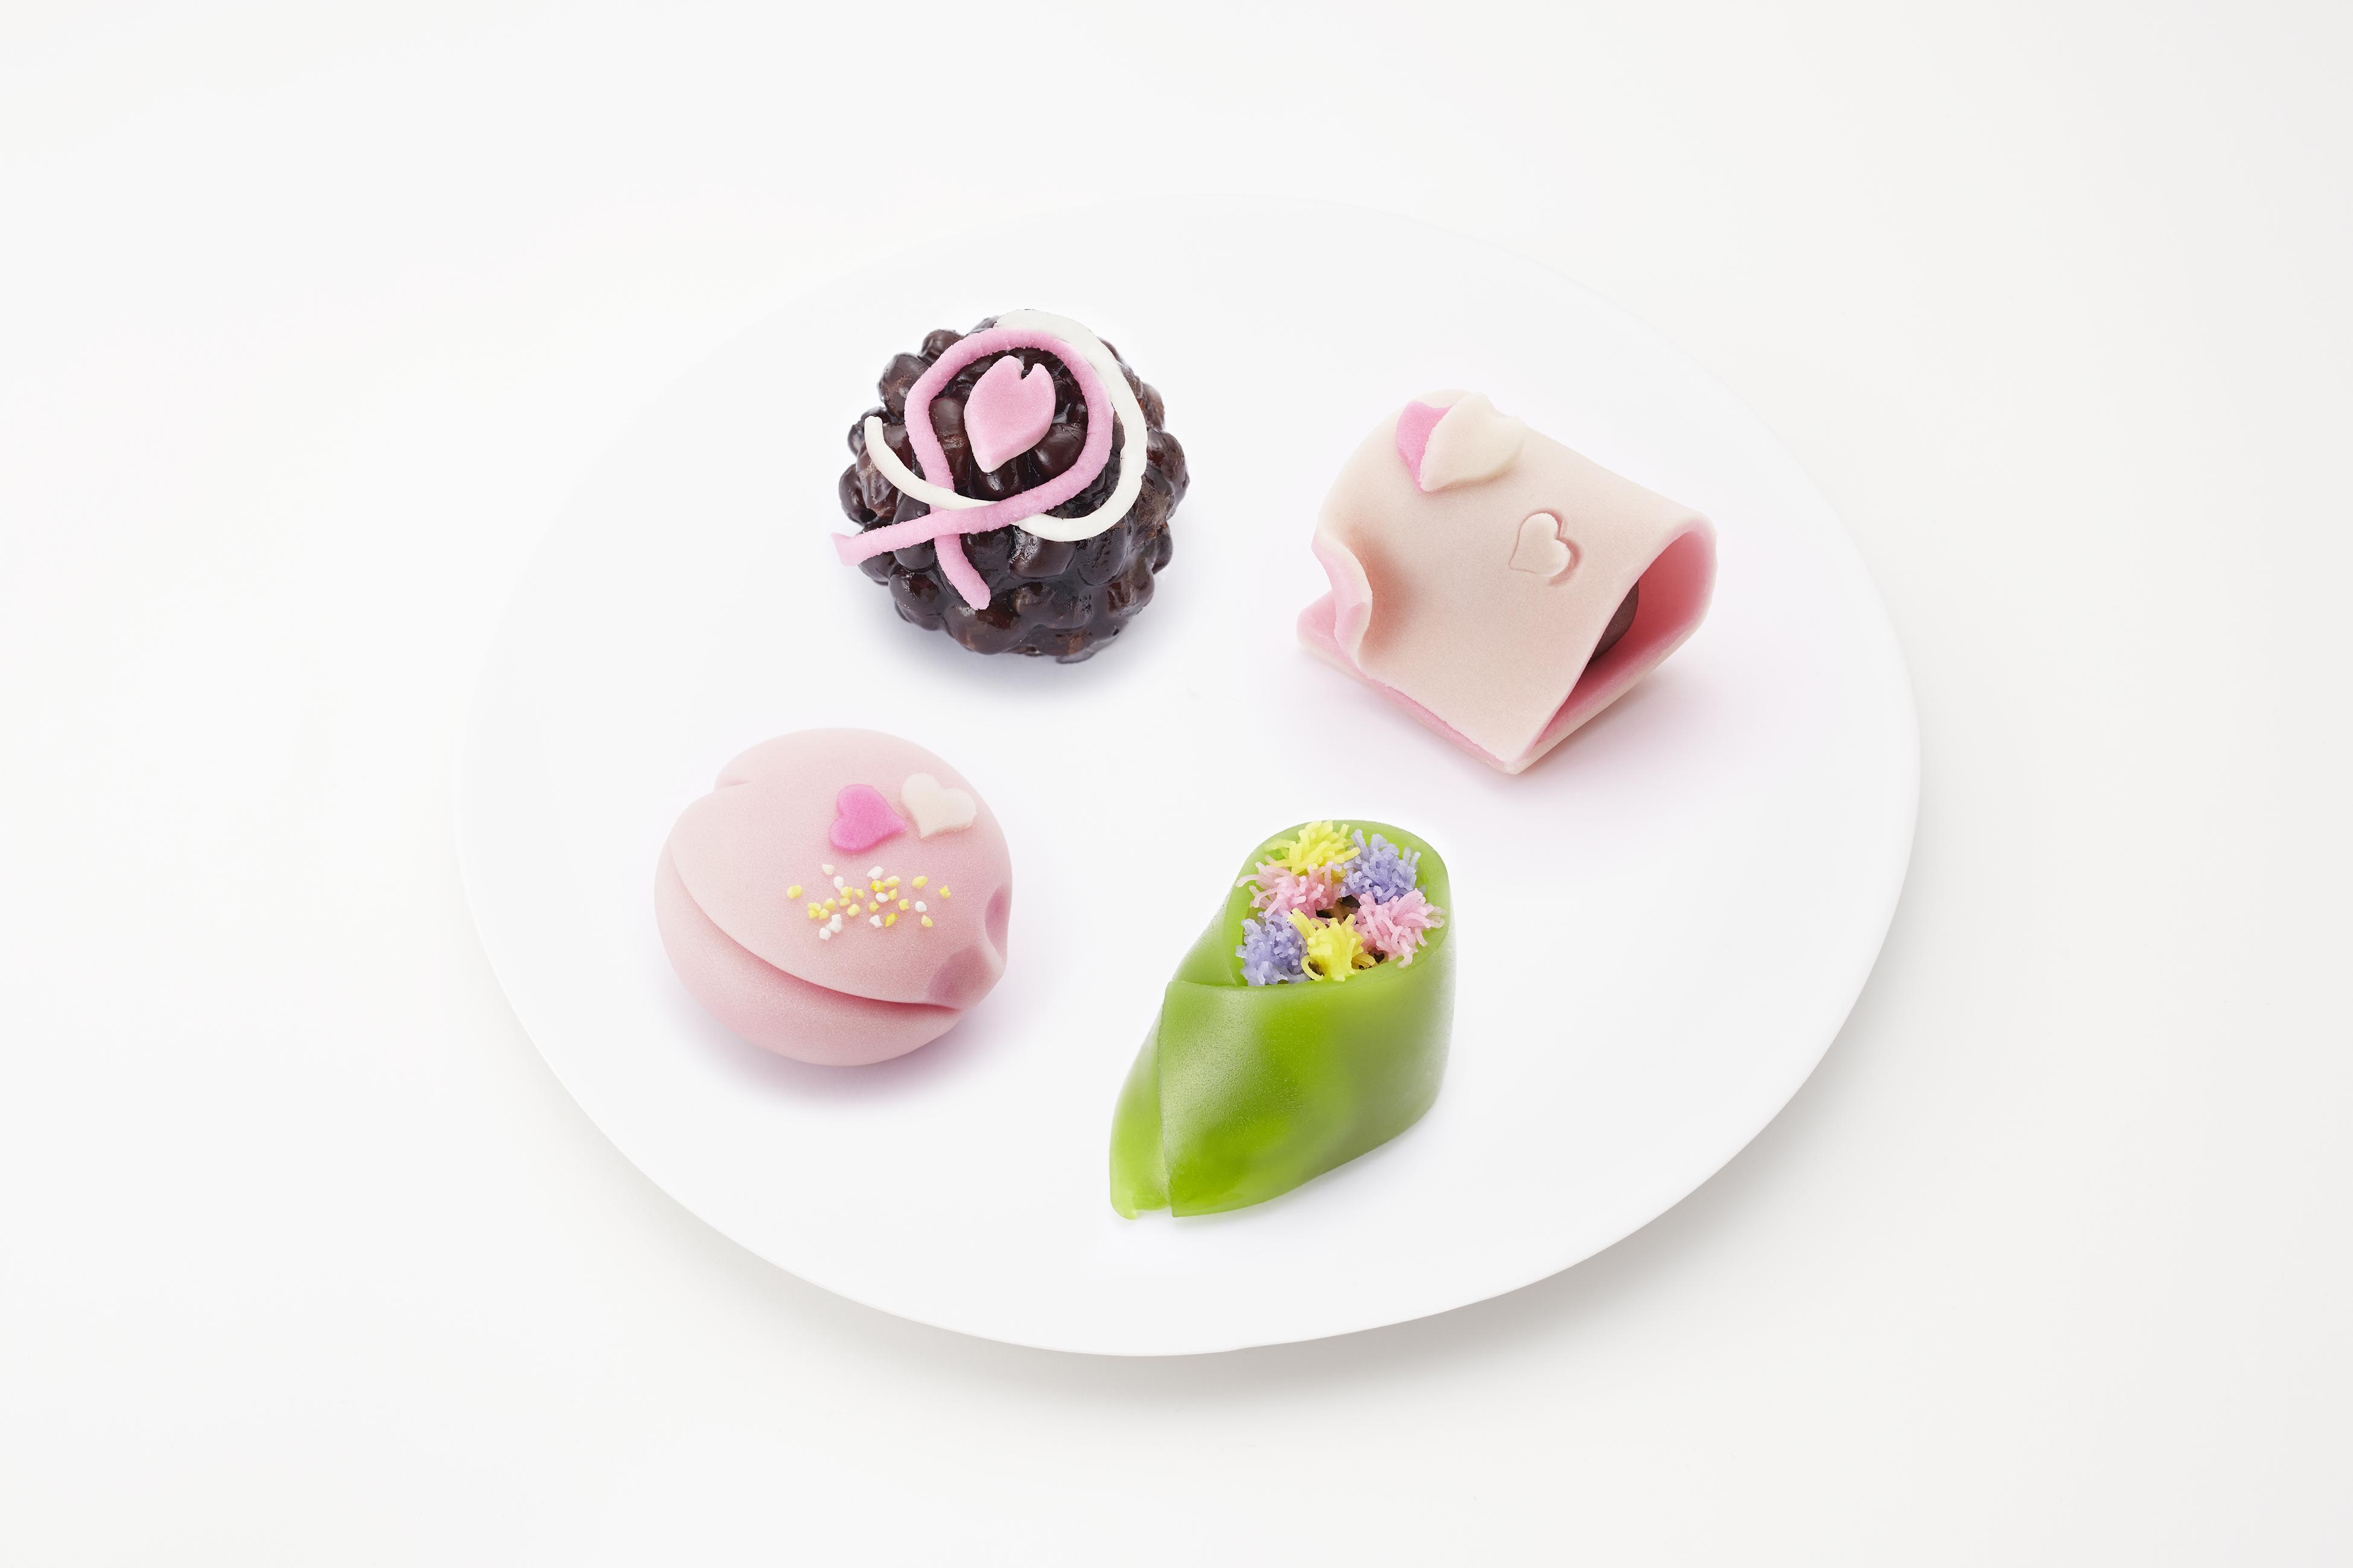 バレンタイン限定上生菓子 2月3日(金)より店頭に並びます